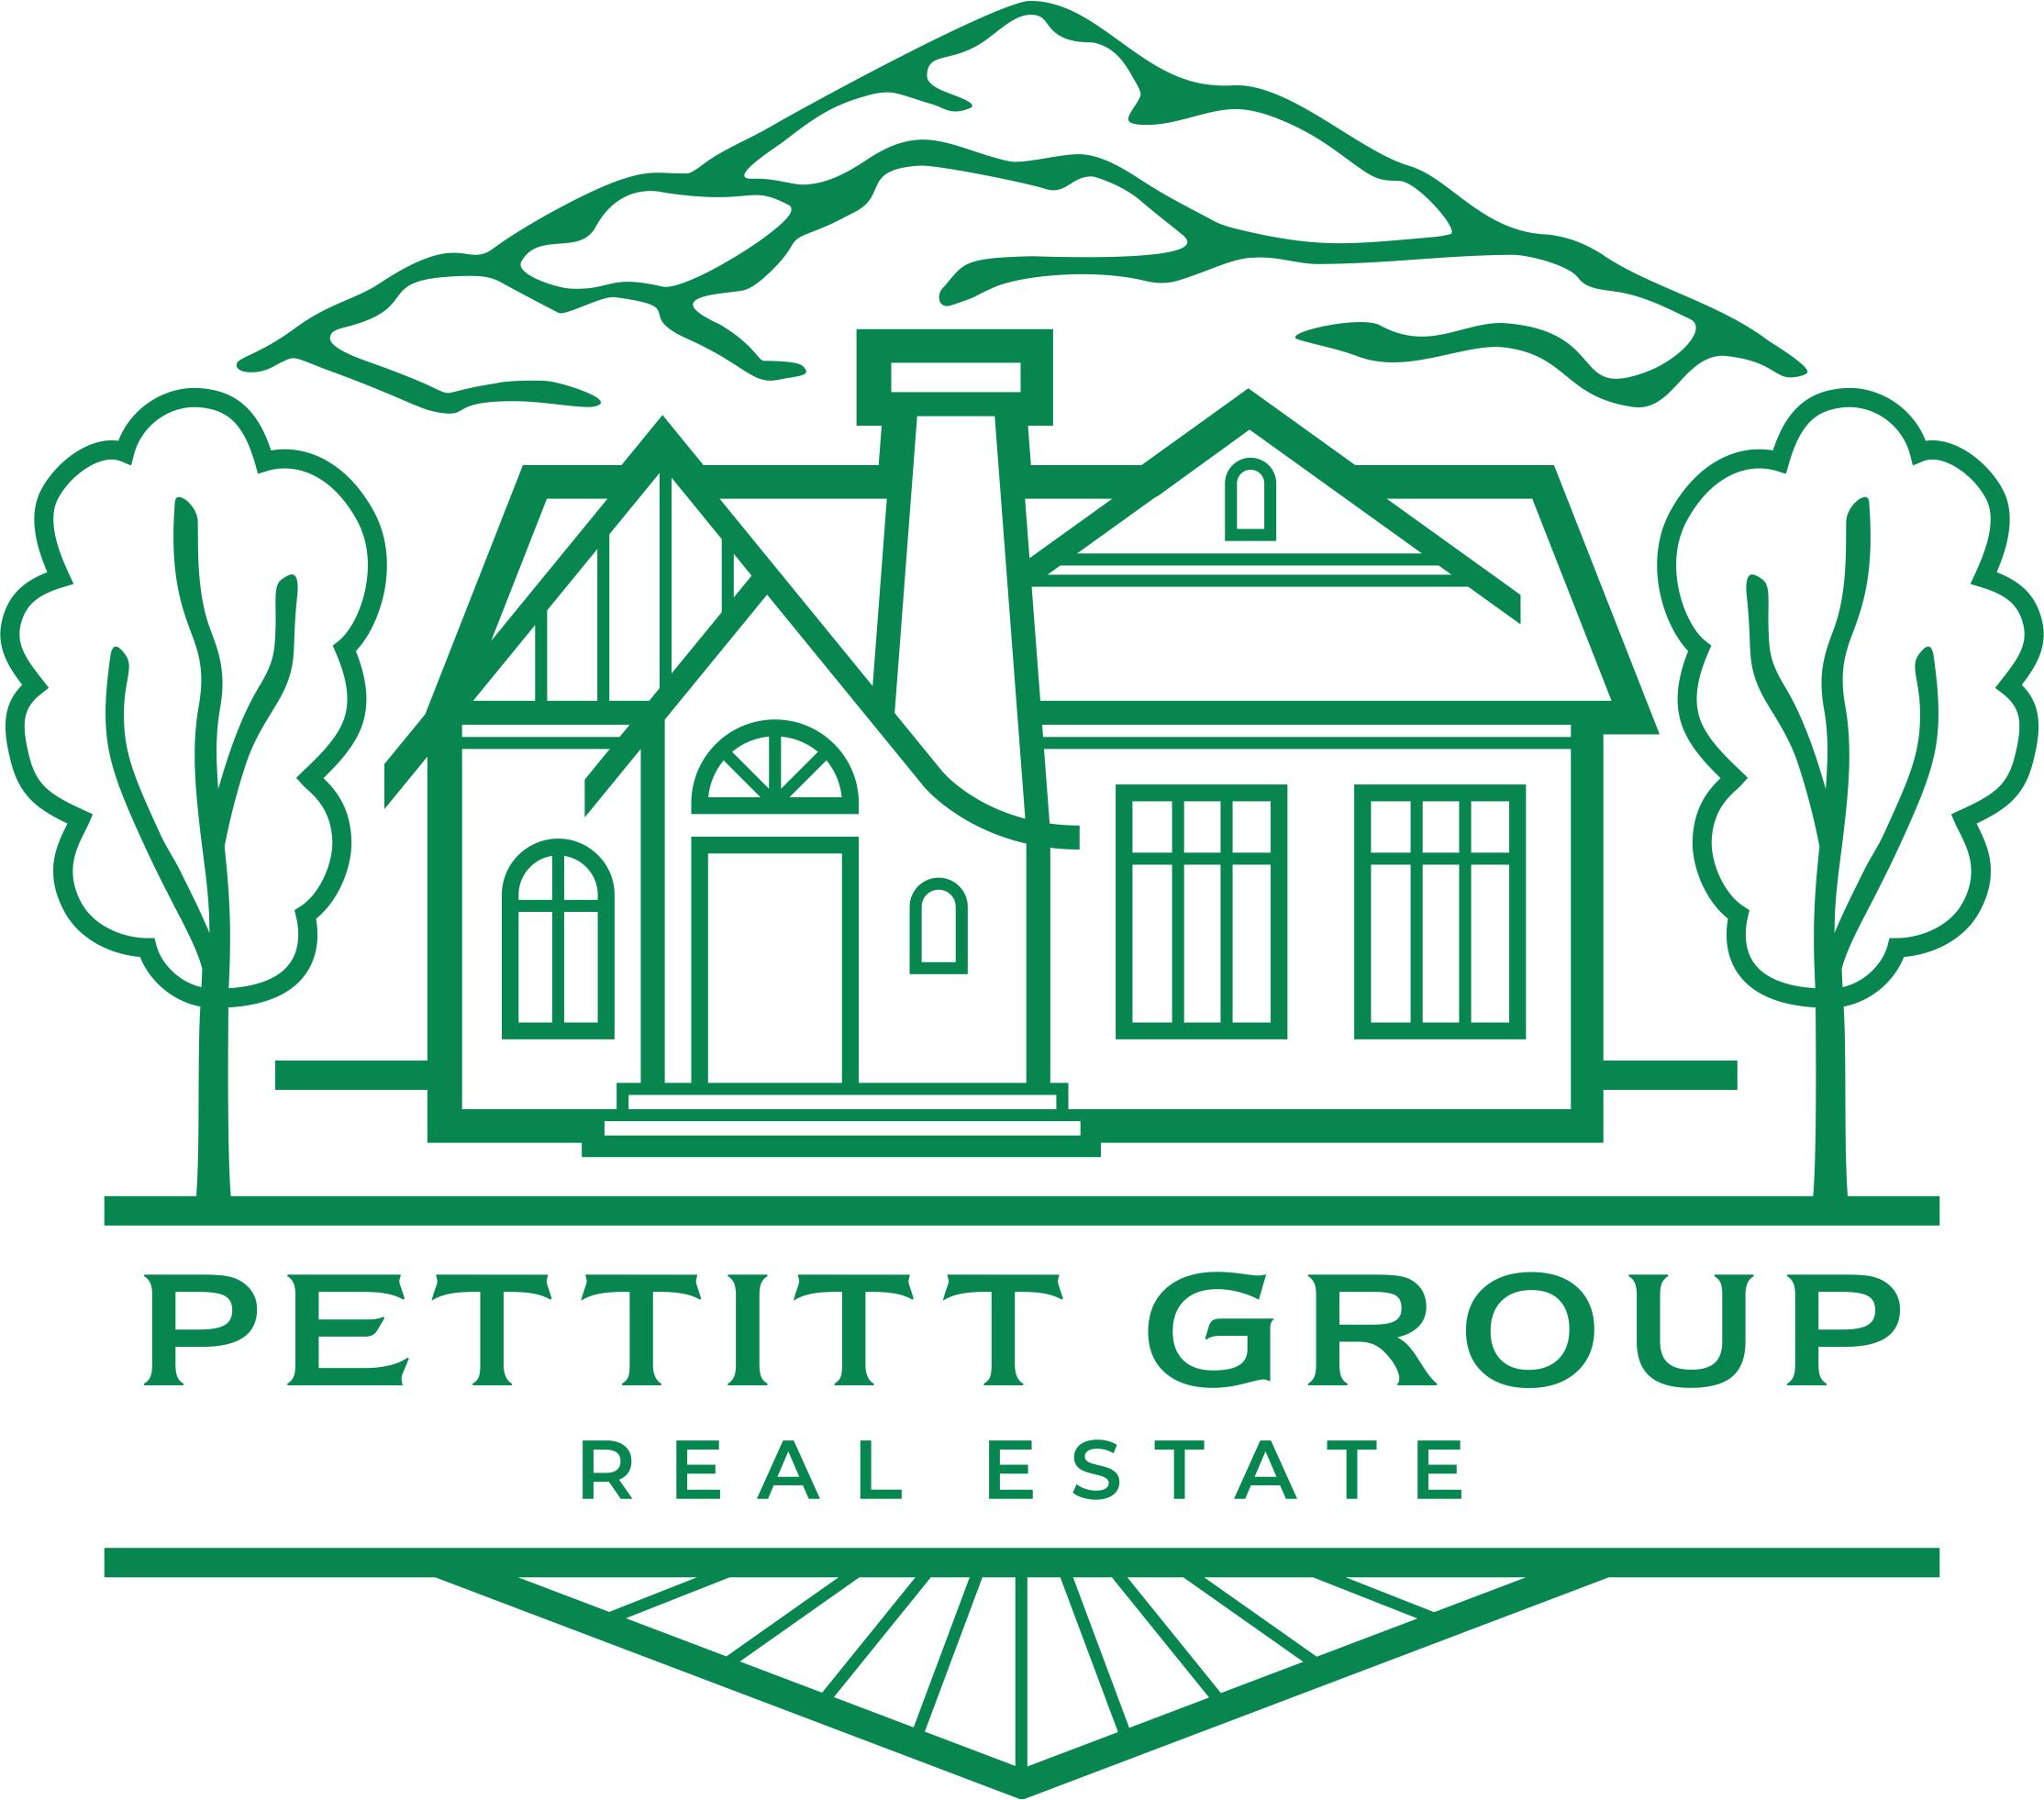 Pettitt Group